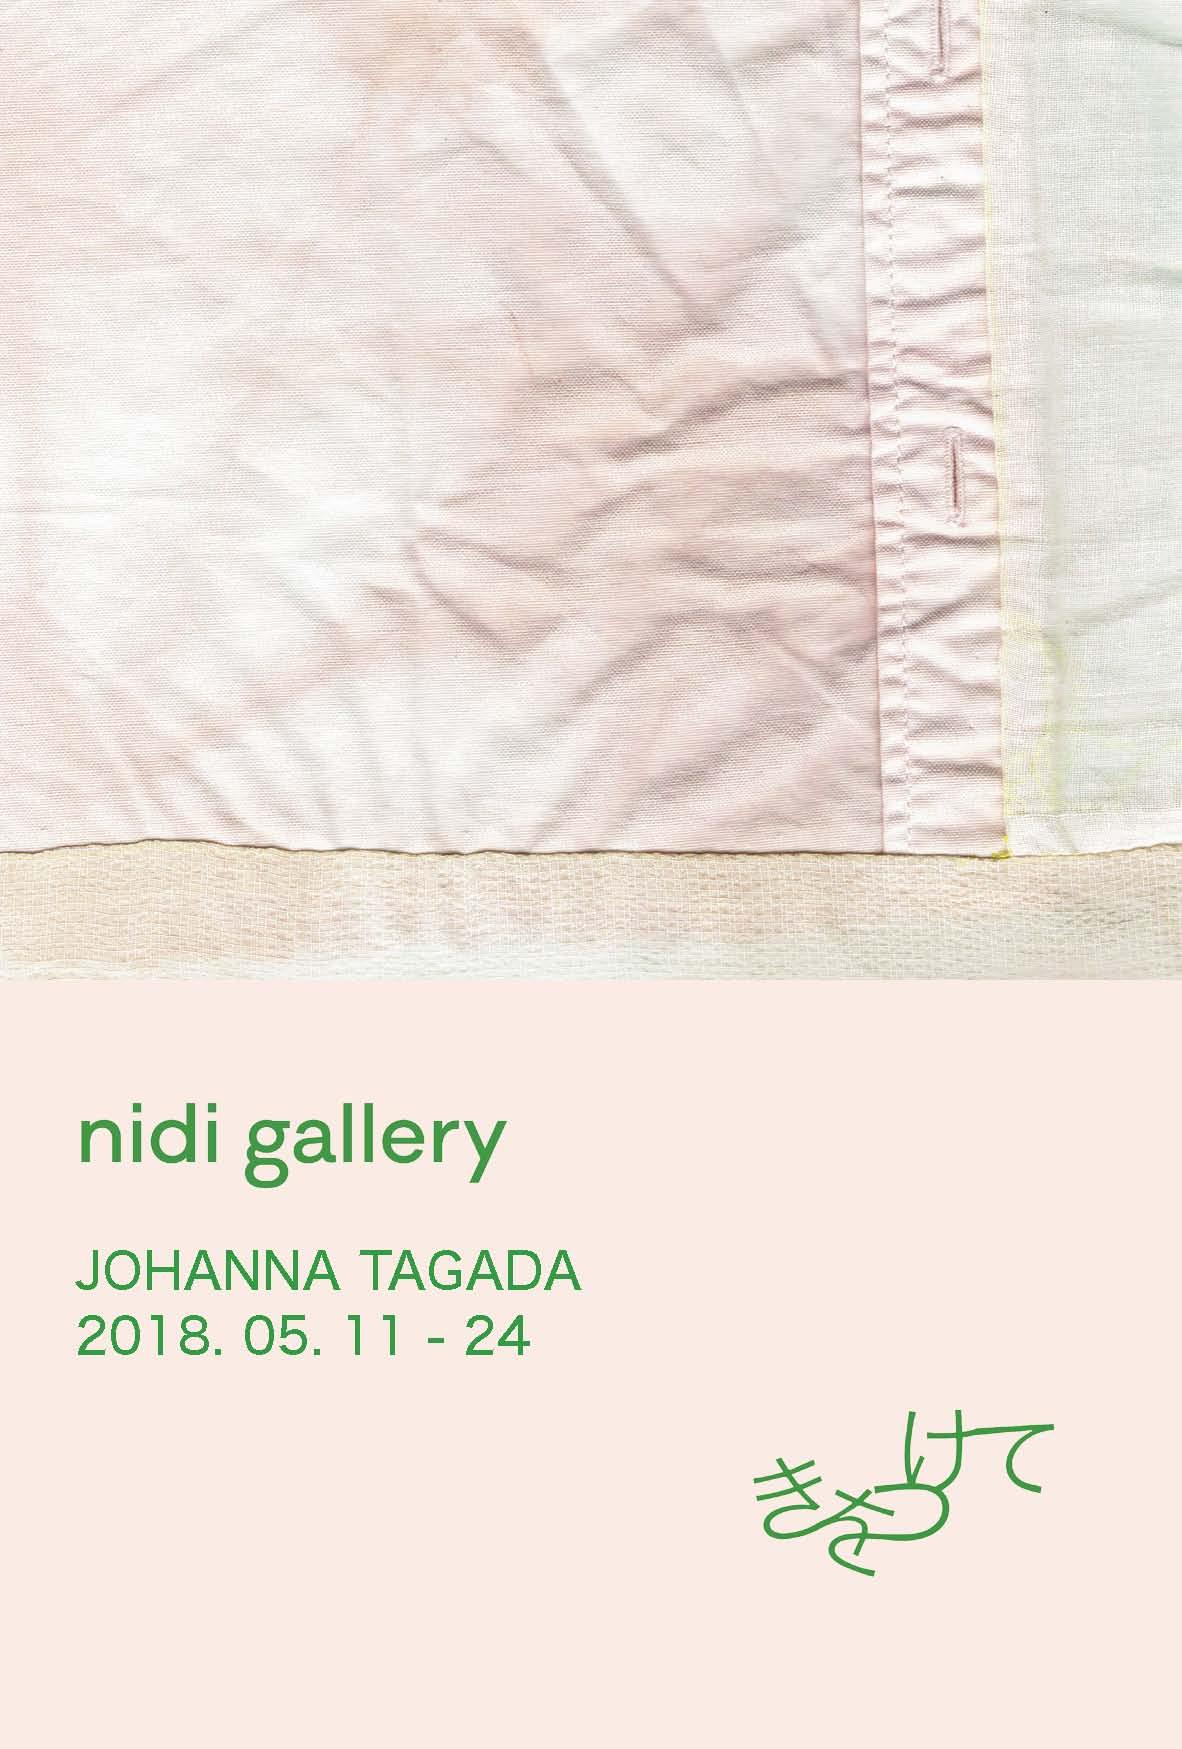 ジョアンナ・タガダ 個展: Take Care at nidi gallery